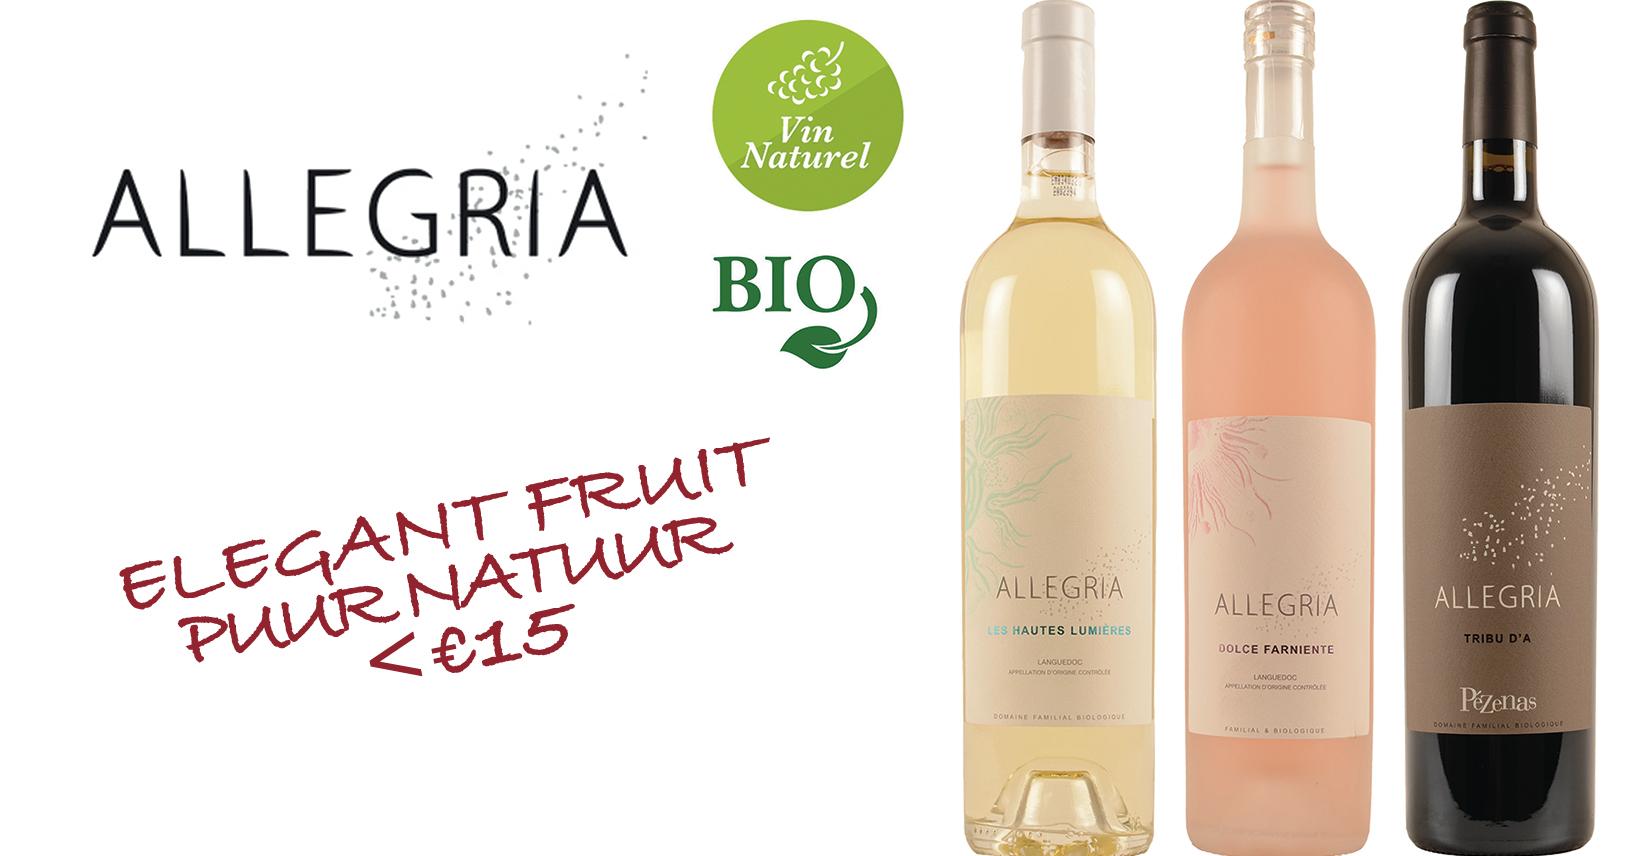 allegria bio natuurwijn frankrijk Promo franse wijn top klasse